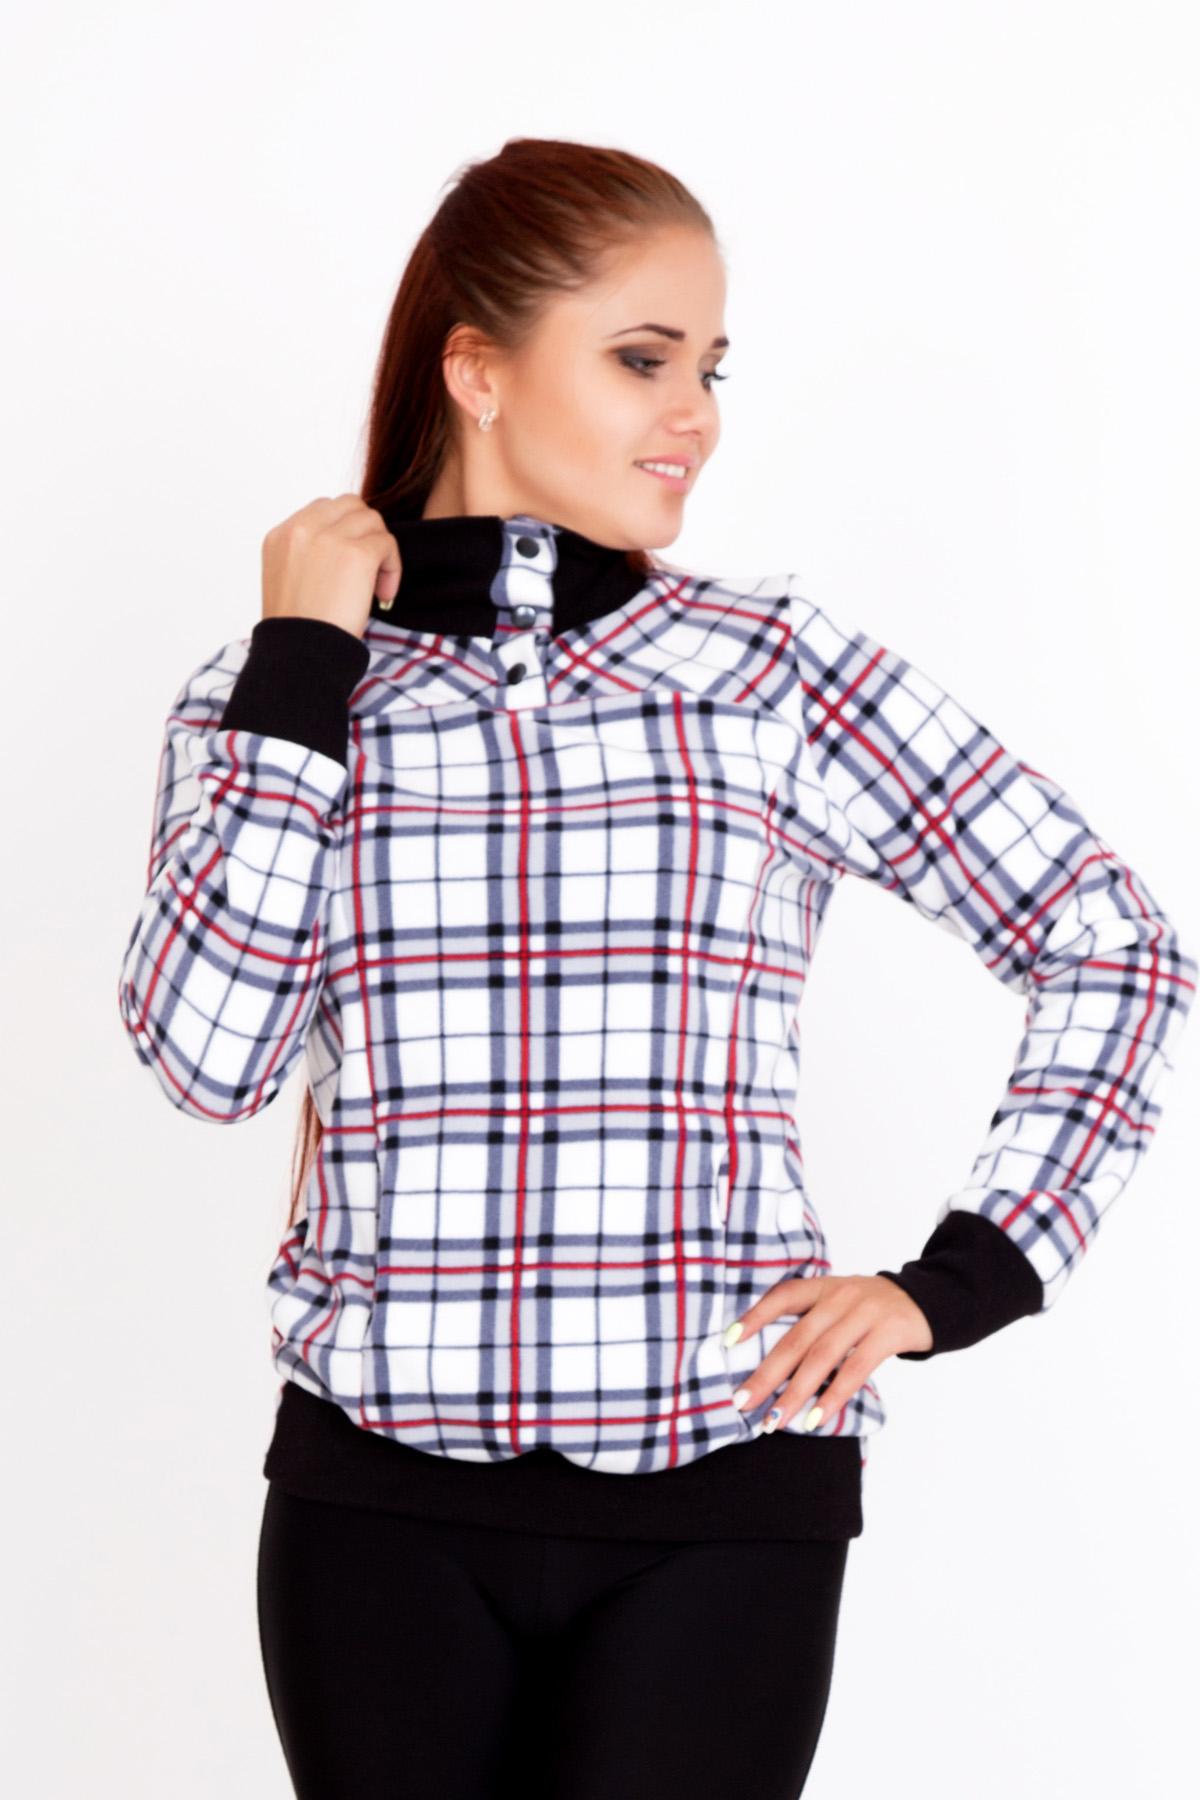 Женская толстовка Феникс, размер 44Толстовки, куртки, джемпера<br>Обхват груди:88 см<br>Обхват талии:68 см<br>Обхват бедер:96 см<br>Рост:167 см<br><br>Тип: Жен. толстовка<br>Размер: 44<br>Материал: Флис